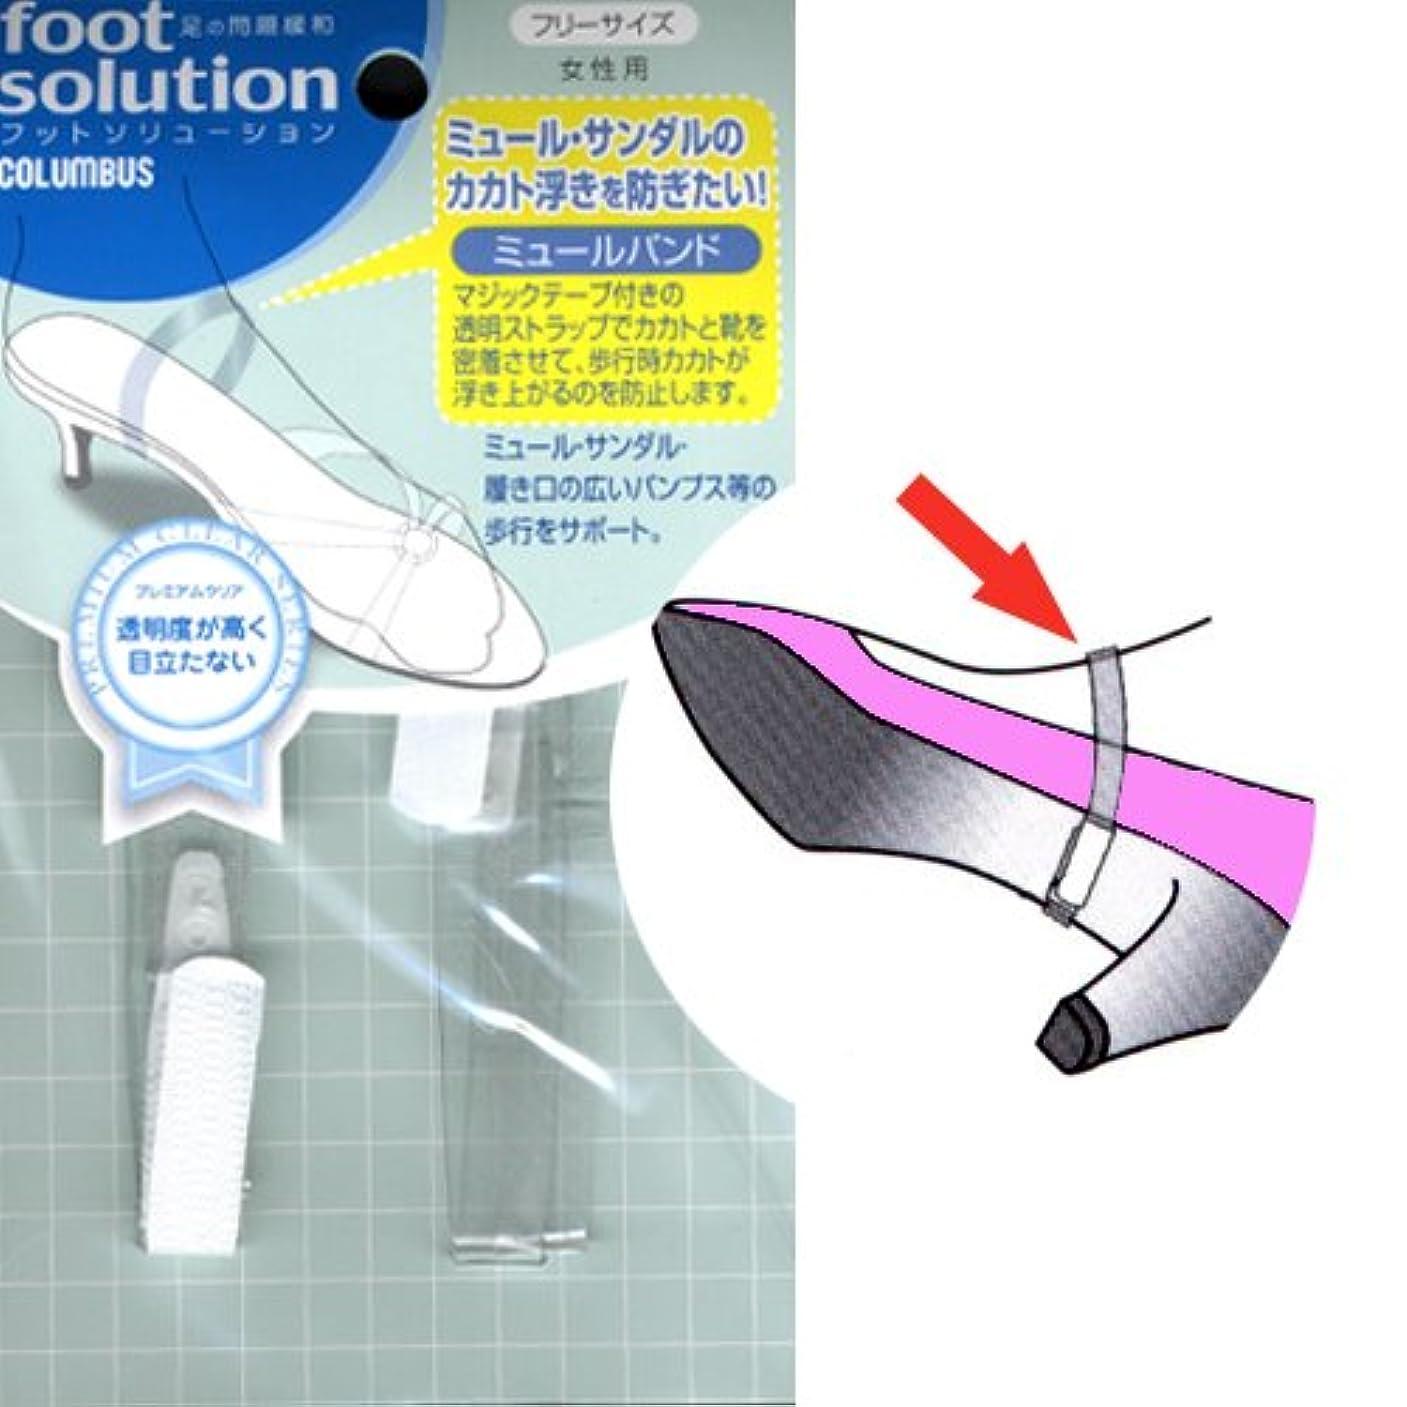 電卓津波アリフットソリューション(footsolution) ミュールバンド レギュラーサイズ#80